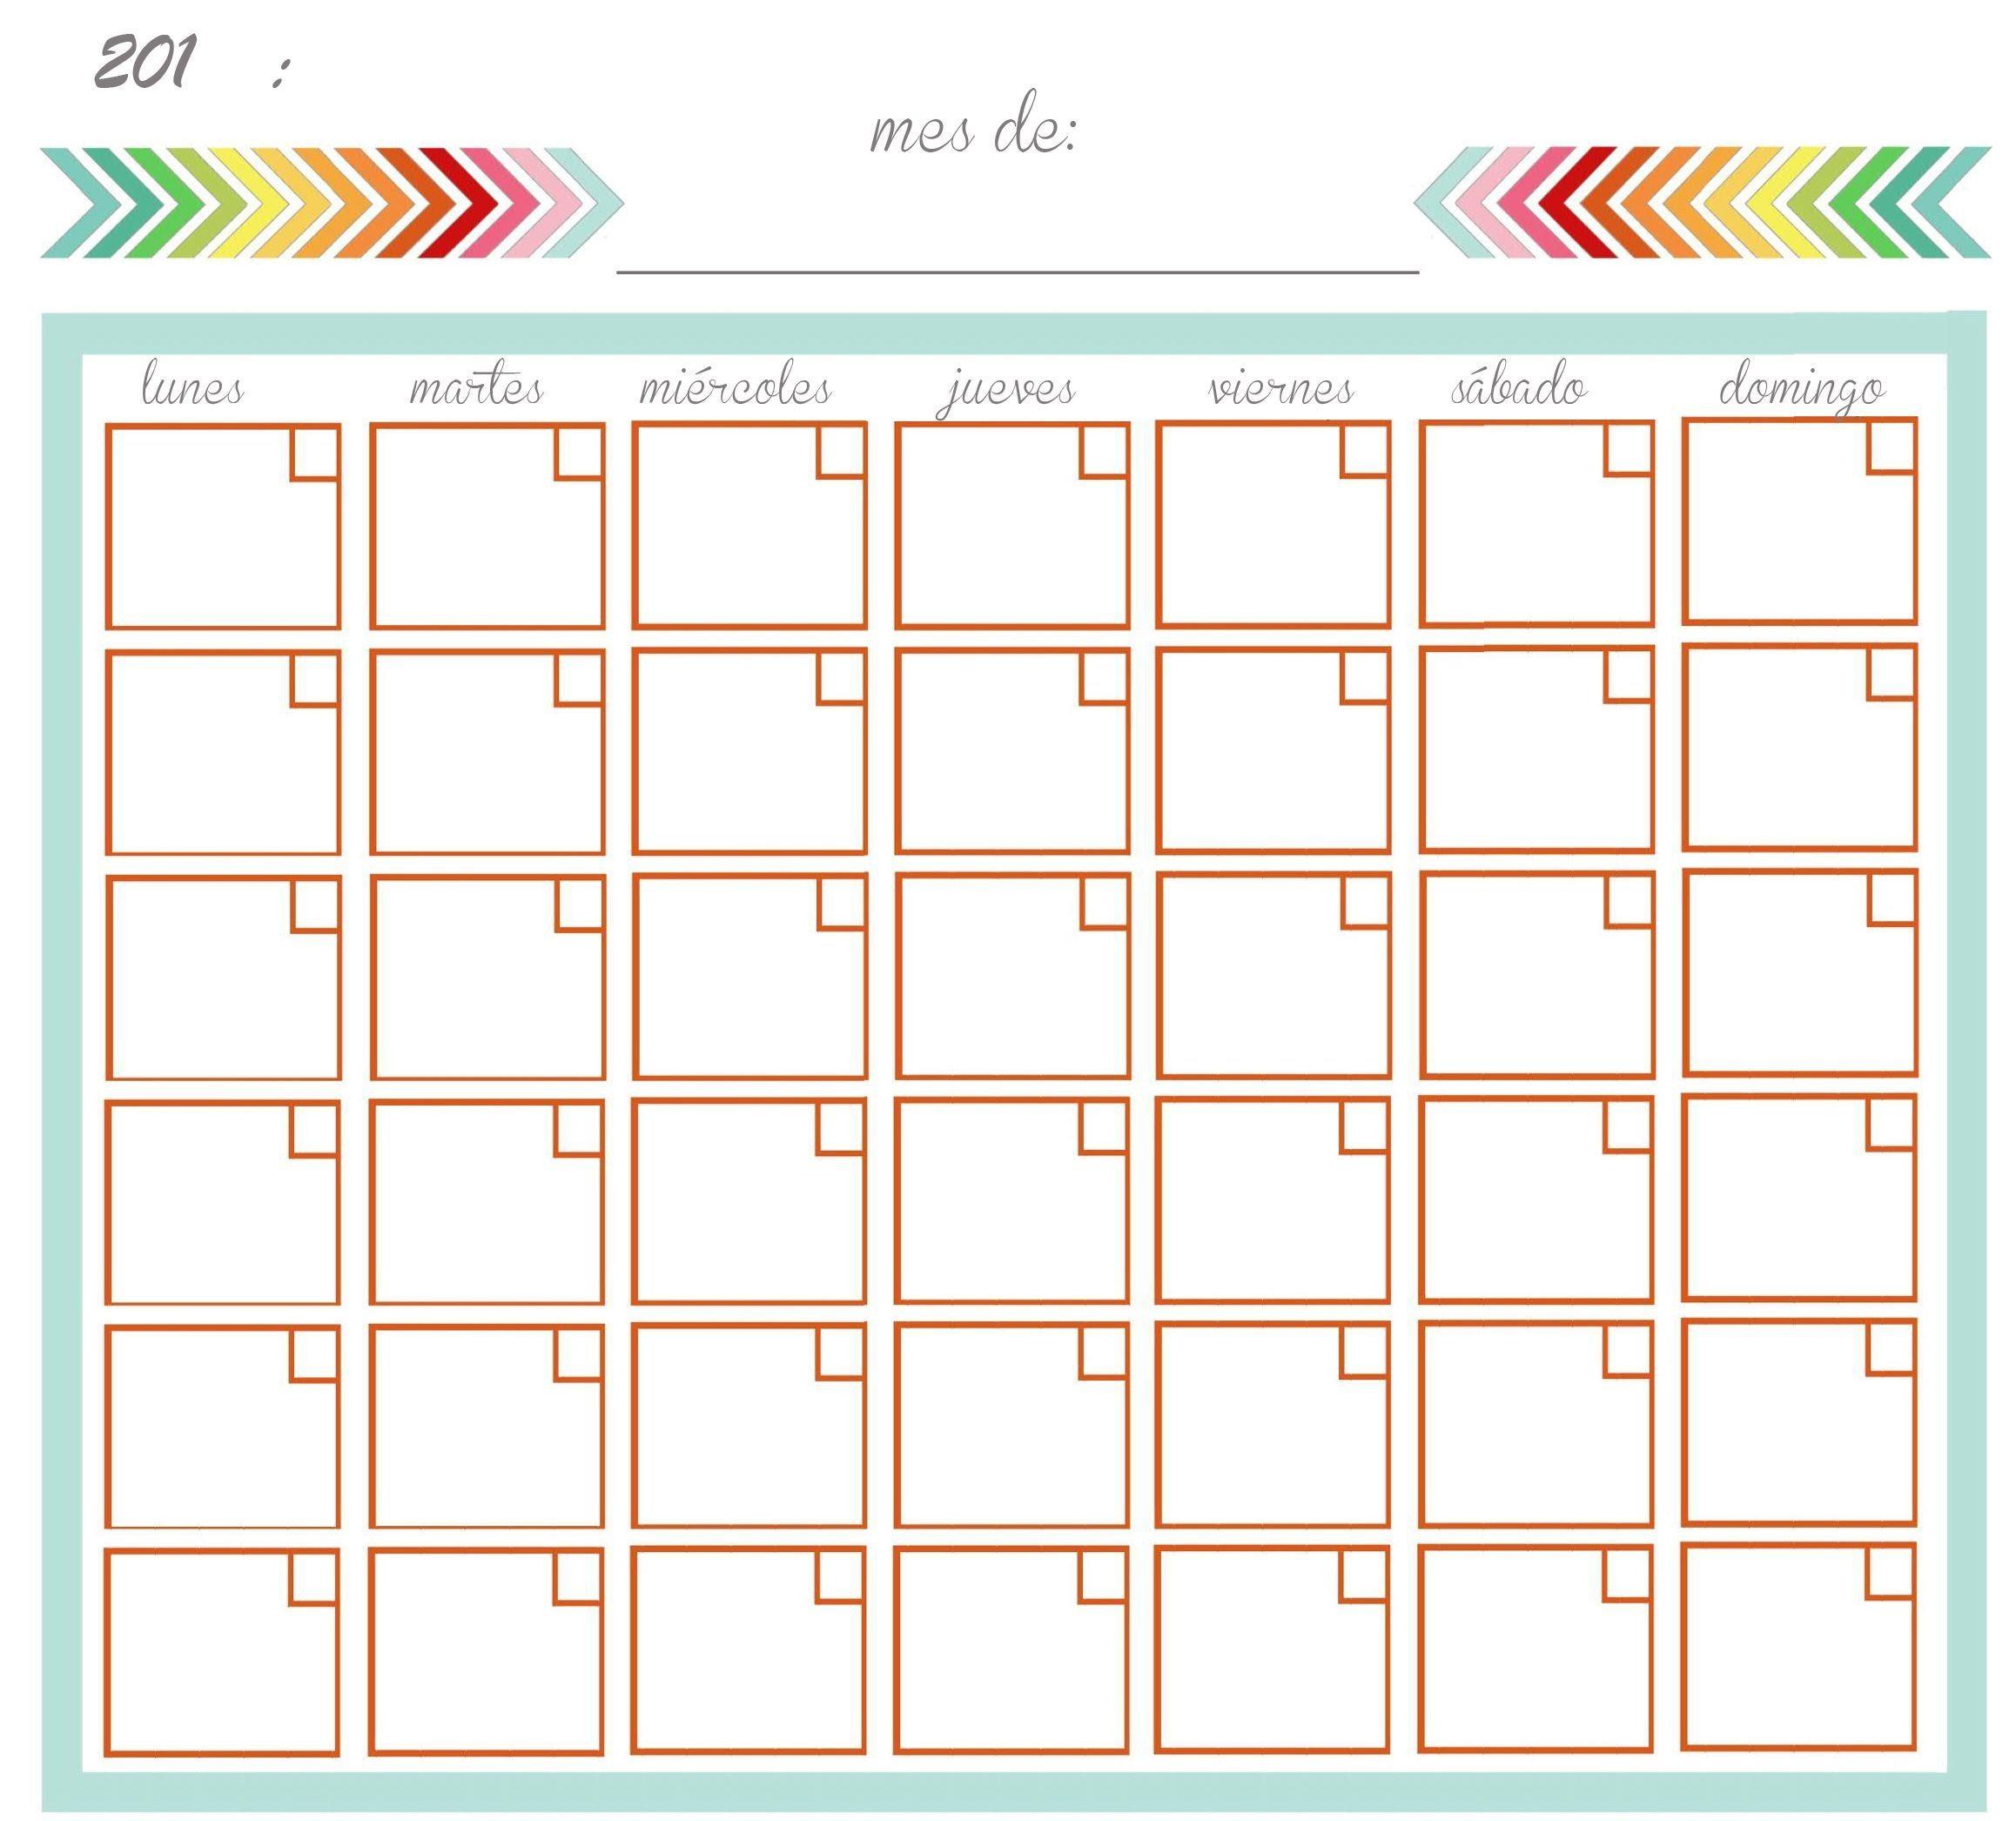 Calendario Imprimir Meses 2017 Mejores Y Más Novedosos Calendario Perpetuo Espa'ol Planificadores Of Calendario Imprimir Meses 2017 Más Populares Calendario Diciembre 47 Para Imprimir